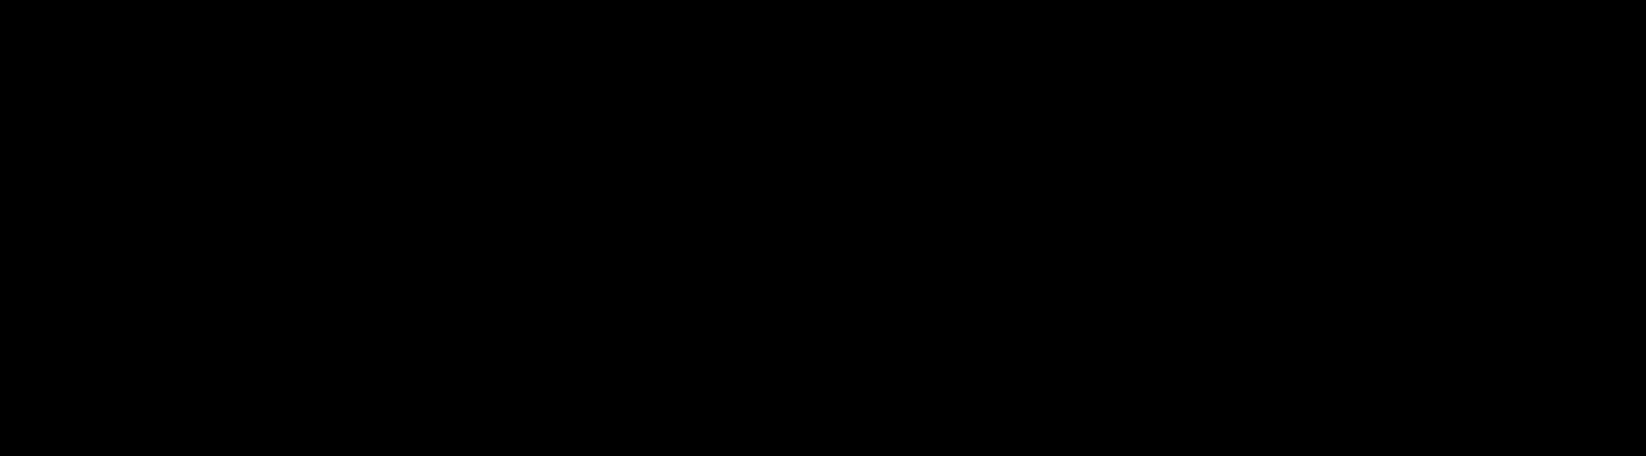 2-(4-Benzyloxybutyl)indole